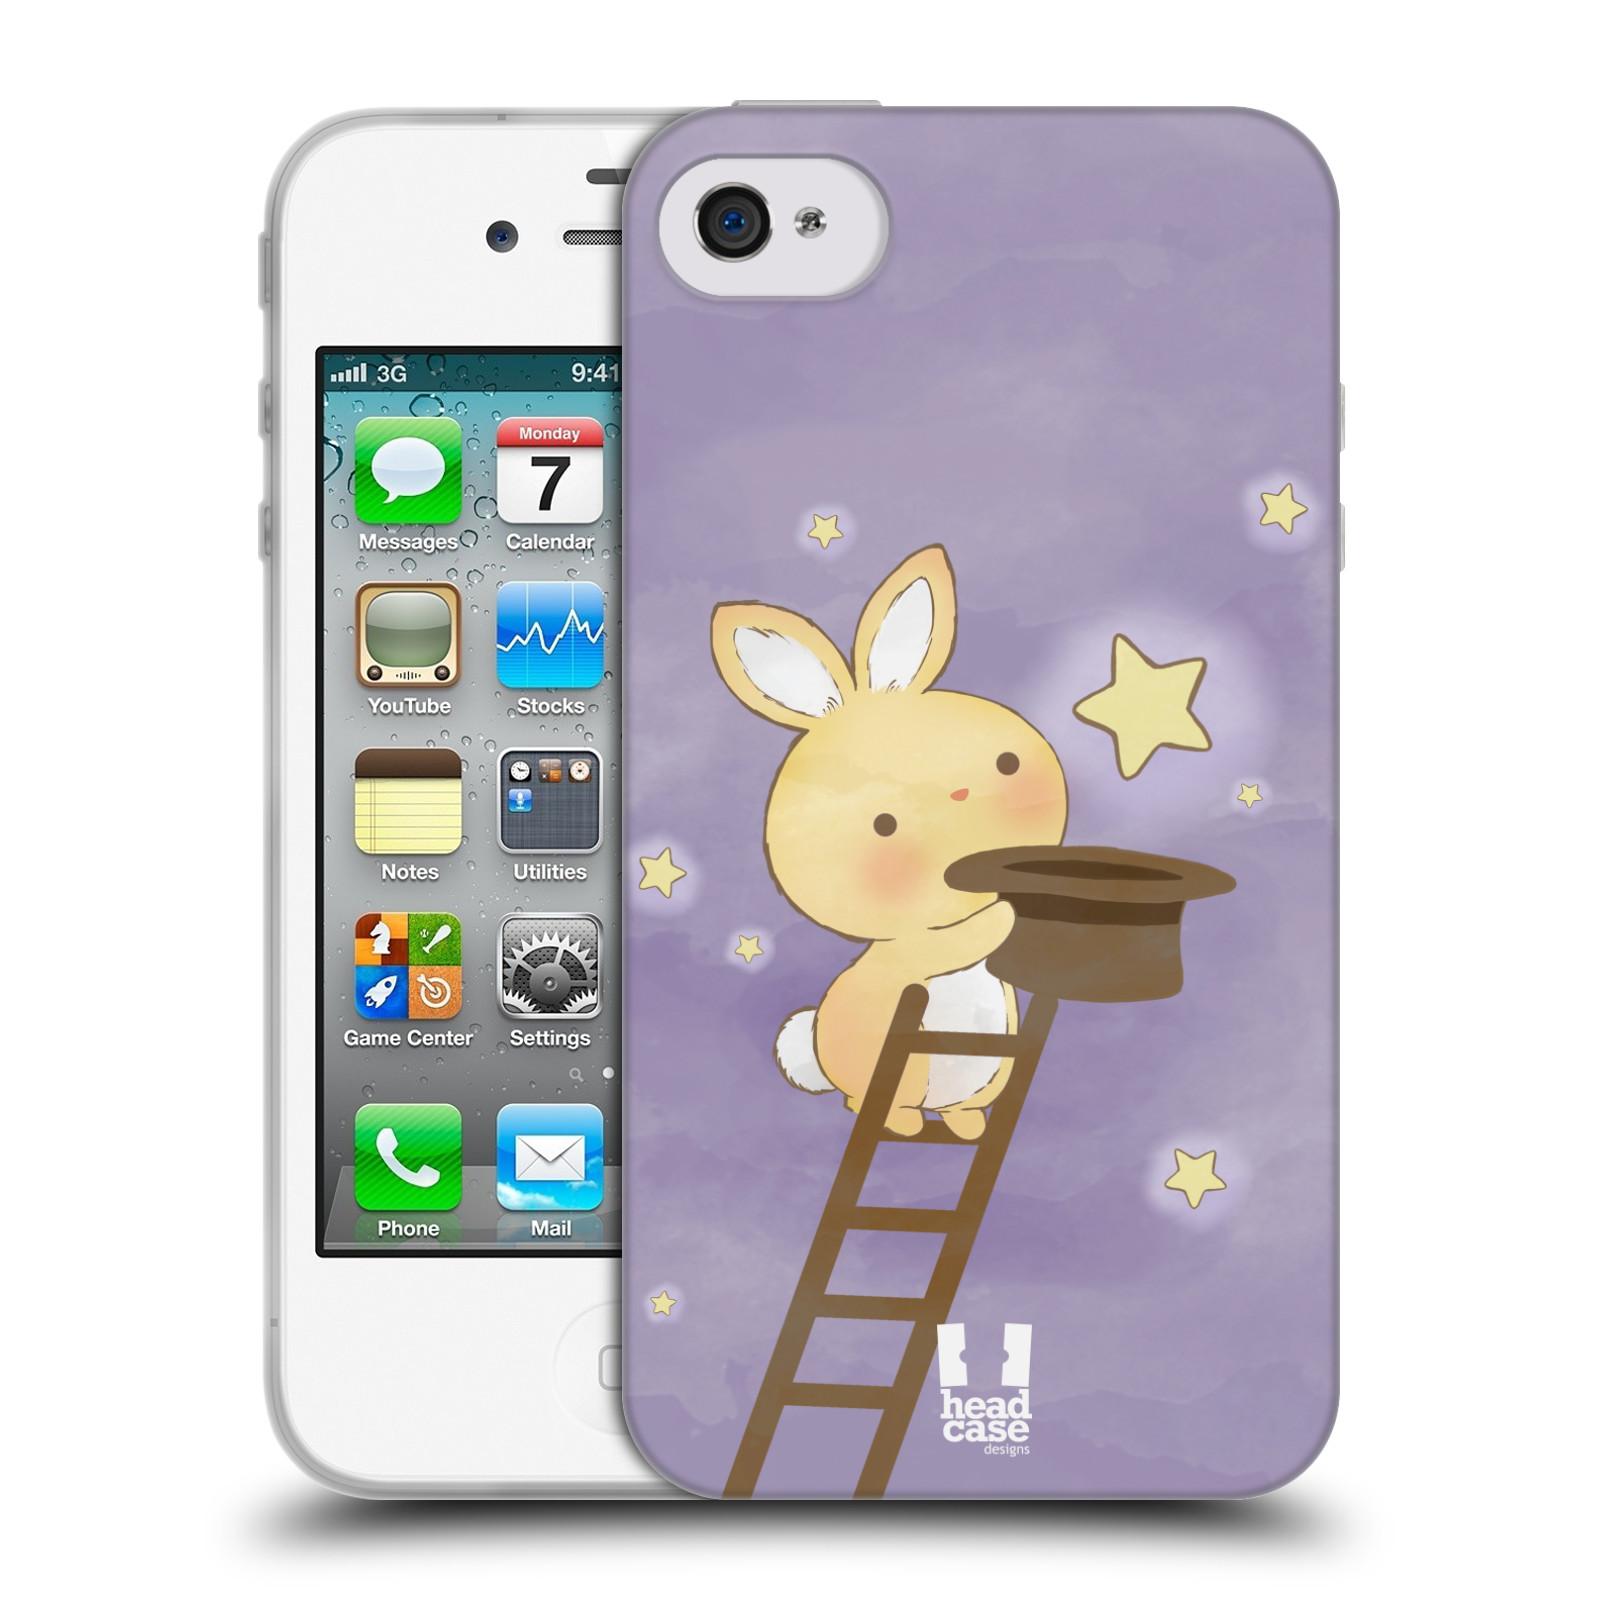 HEAD CASE silikonový obal na mobil Apple Iphone 4/4S vzor králíček a hvězdy fialová